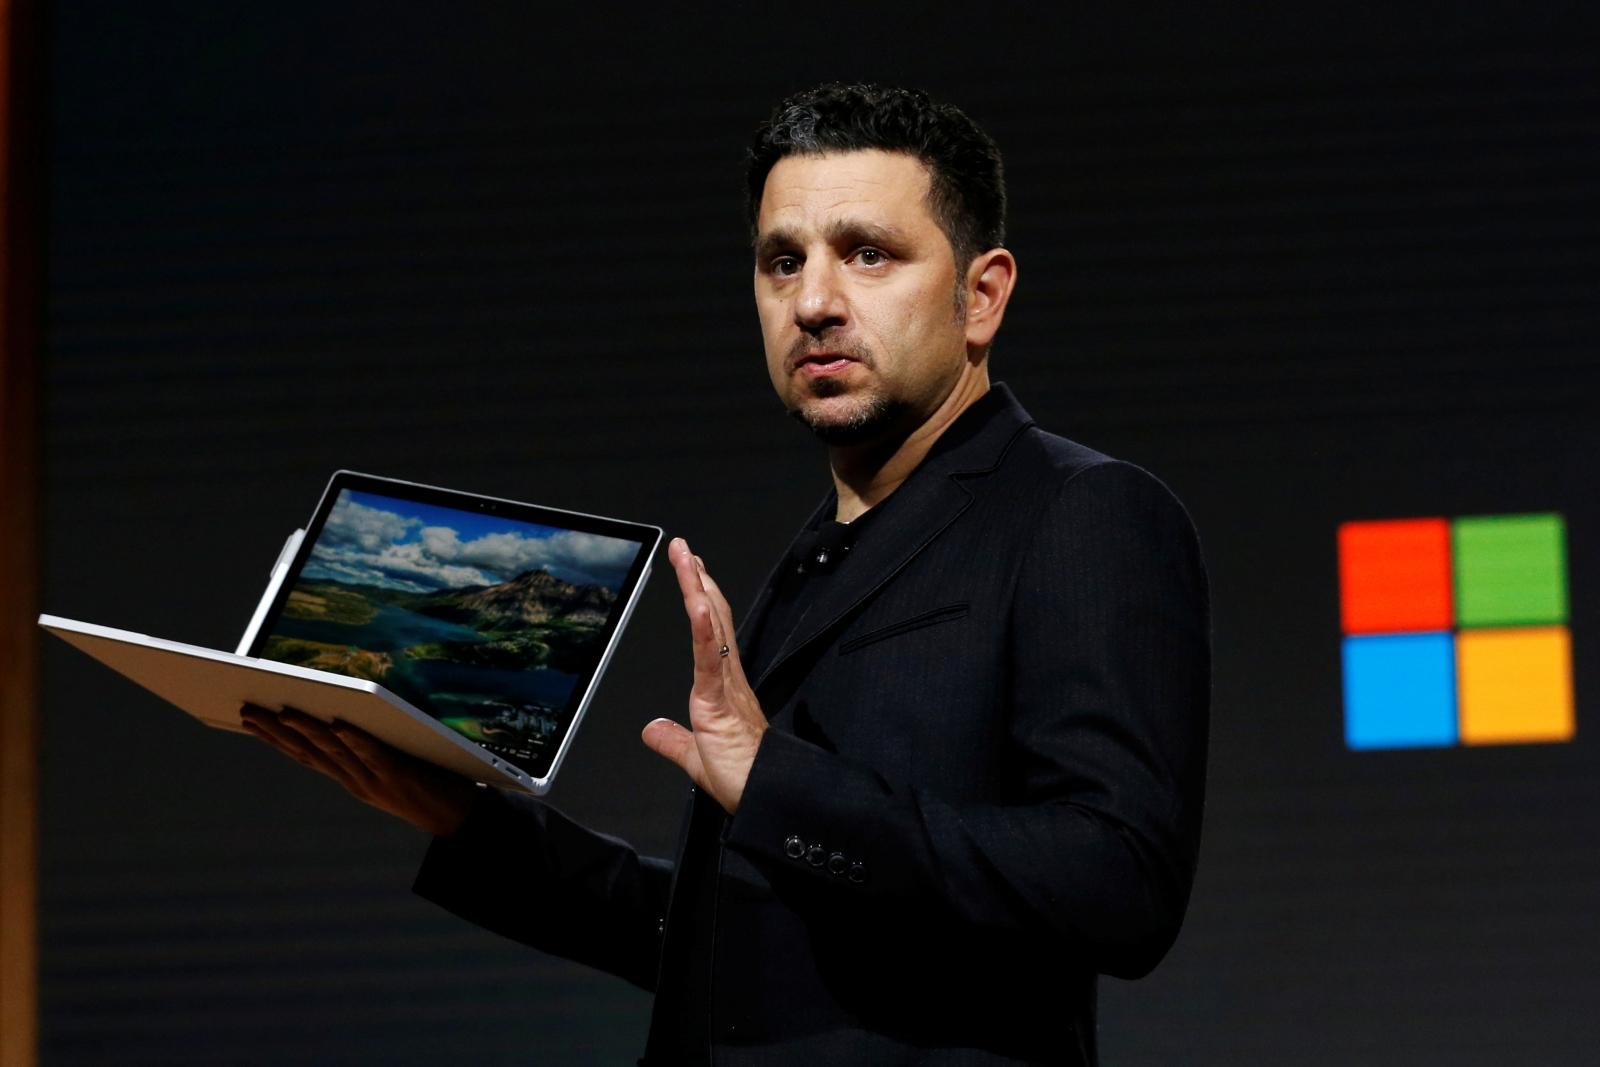 Surface Laptop Panos Panay